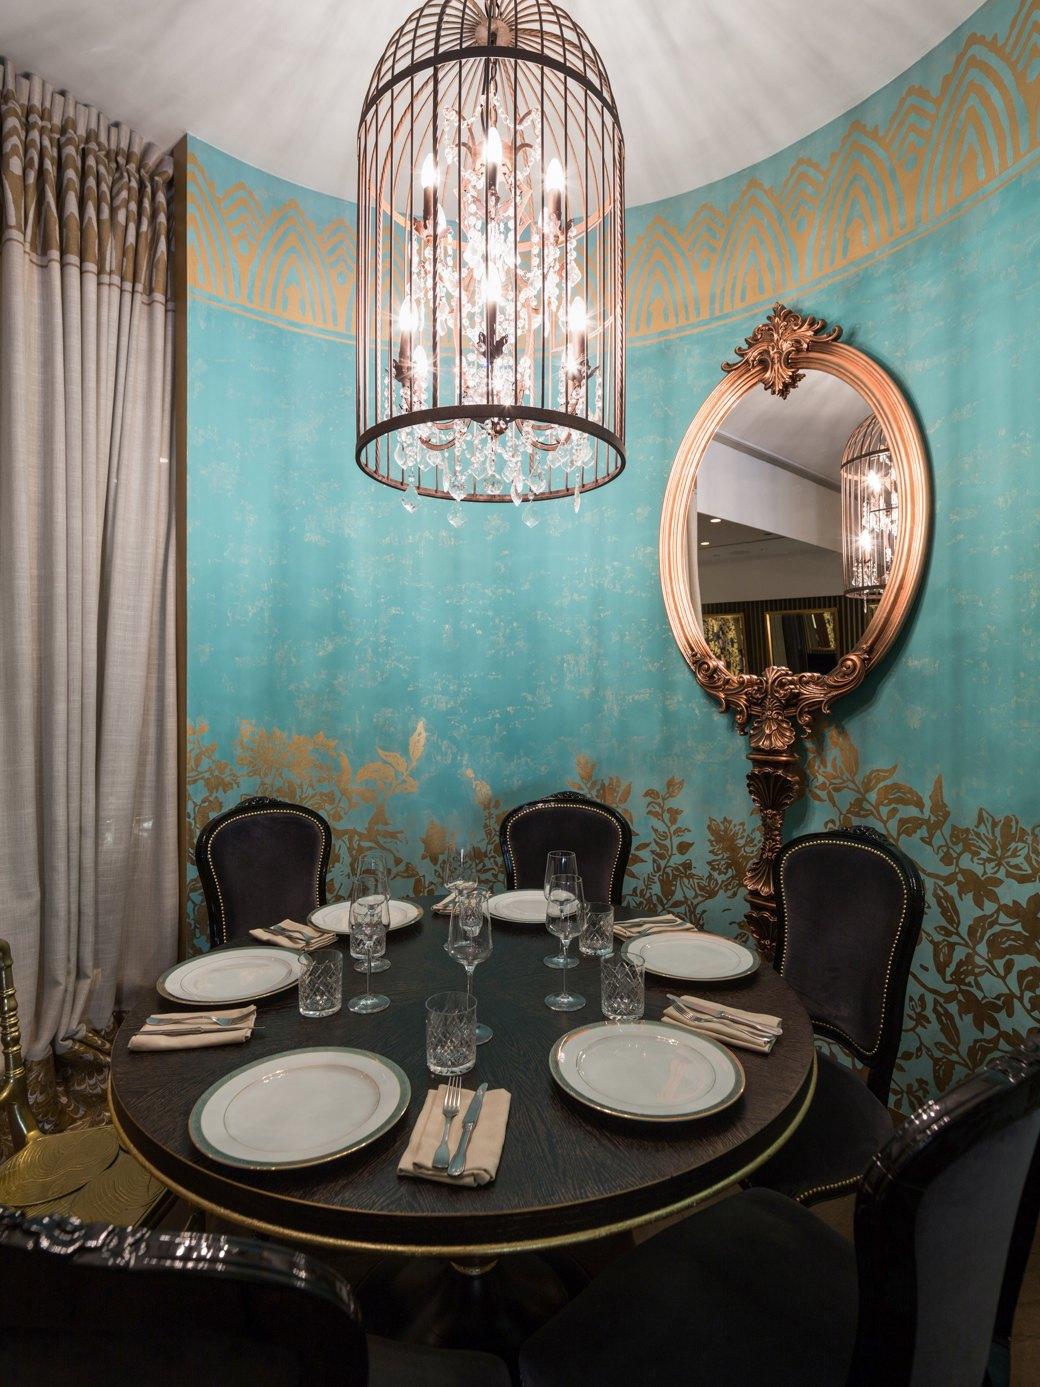 Ресторан «КоКоКо» вотелеW (Петербург). Изображение № 10.